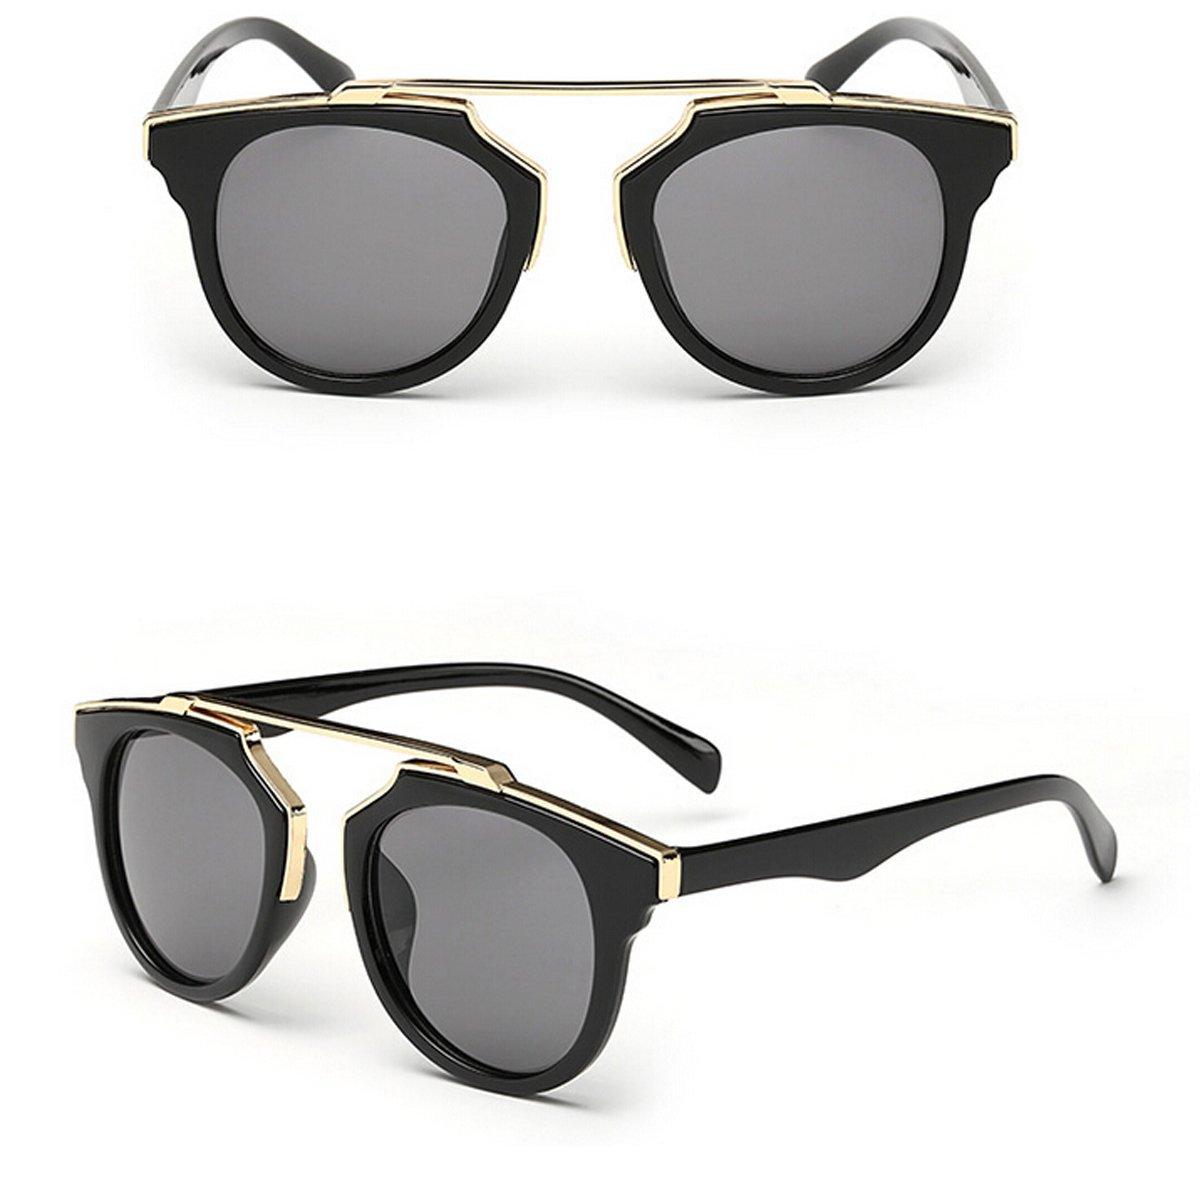 UniqueBella - Occhiali da sole da donna UV40085 ygyYZq1